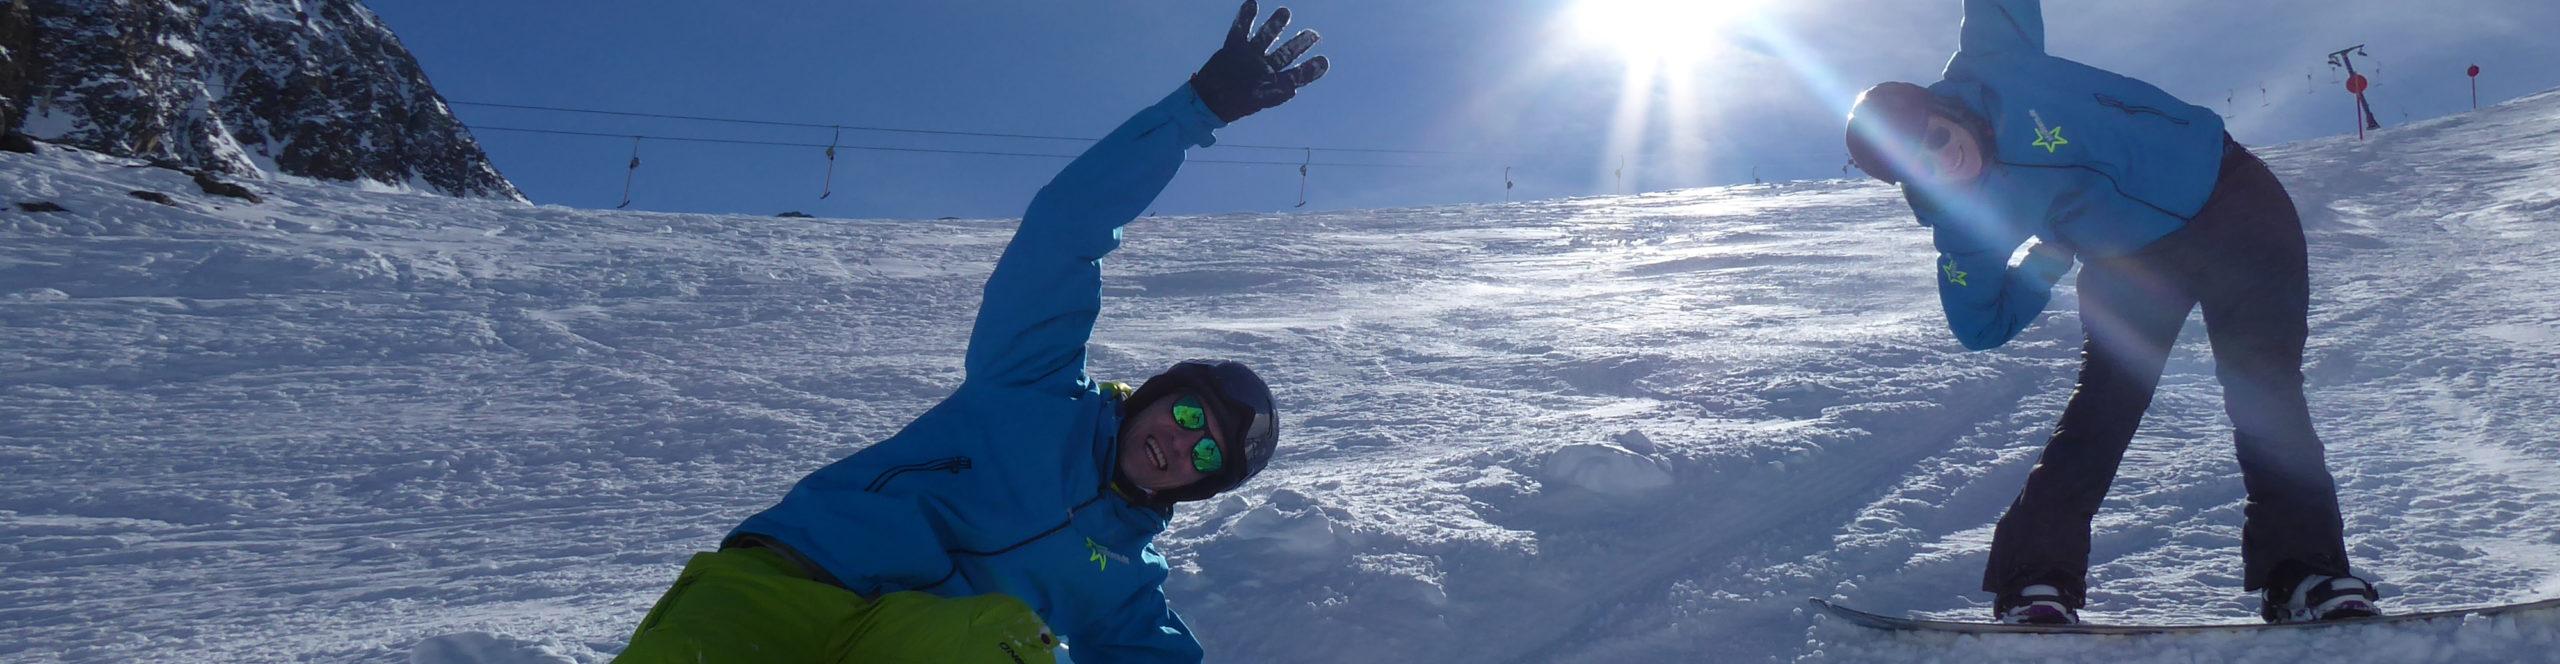 STUBAIER GLETSCHER – SchneeSpaßTag – Tagesskireise – Sonnenschein & Pulverschnee